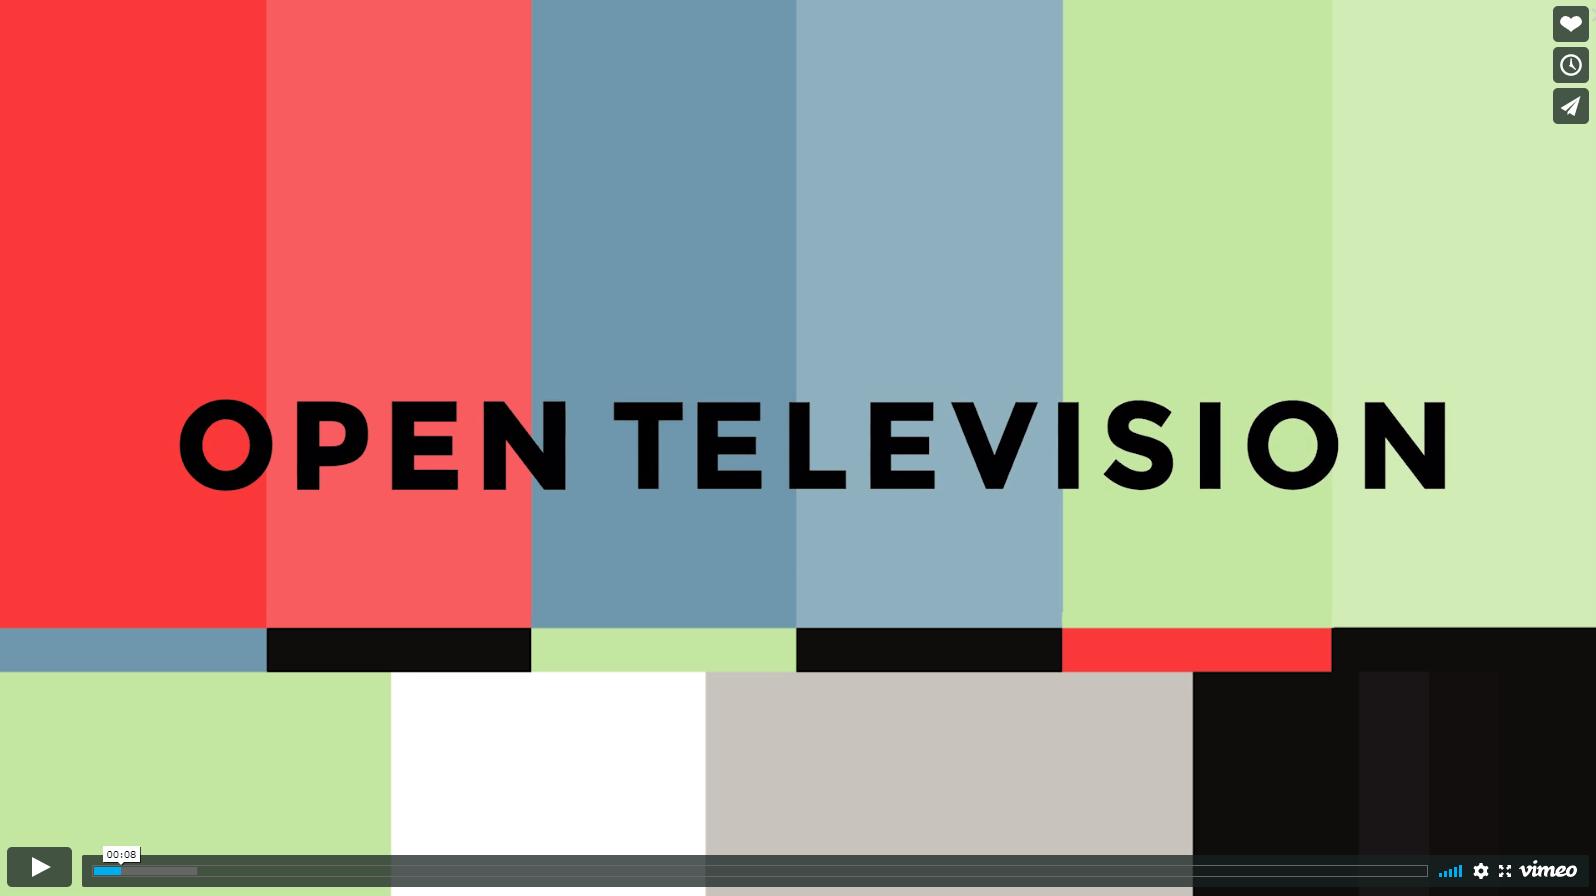 Open Television on Vimeo